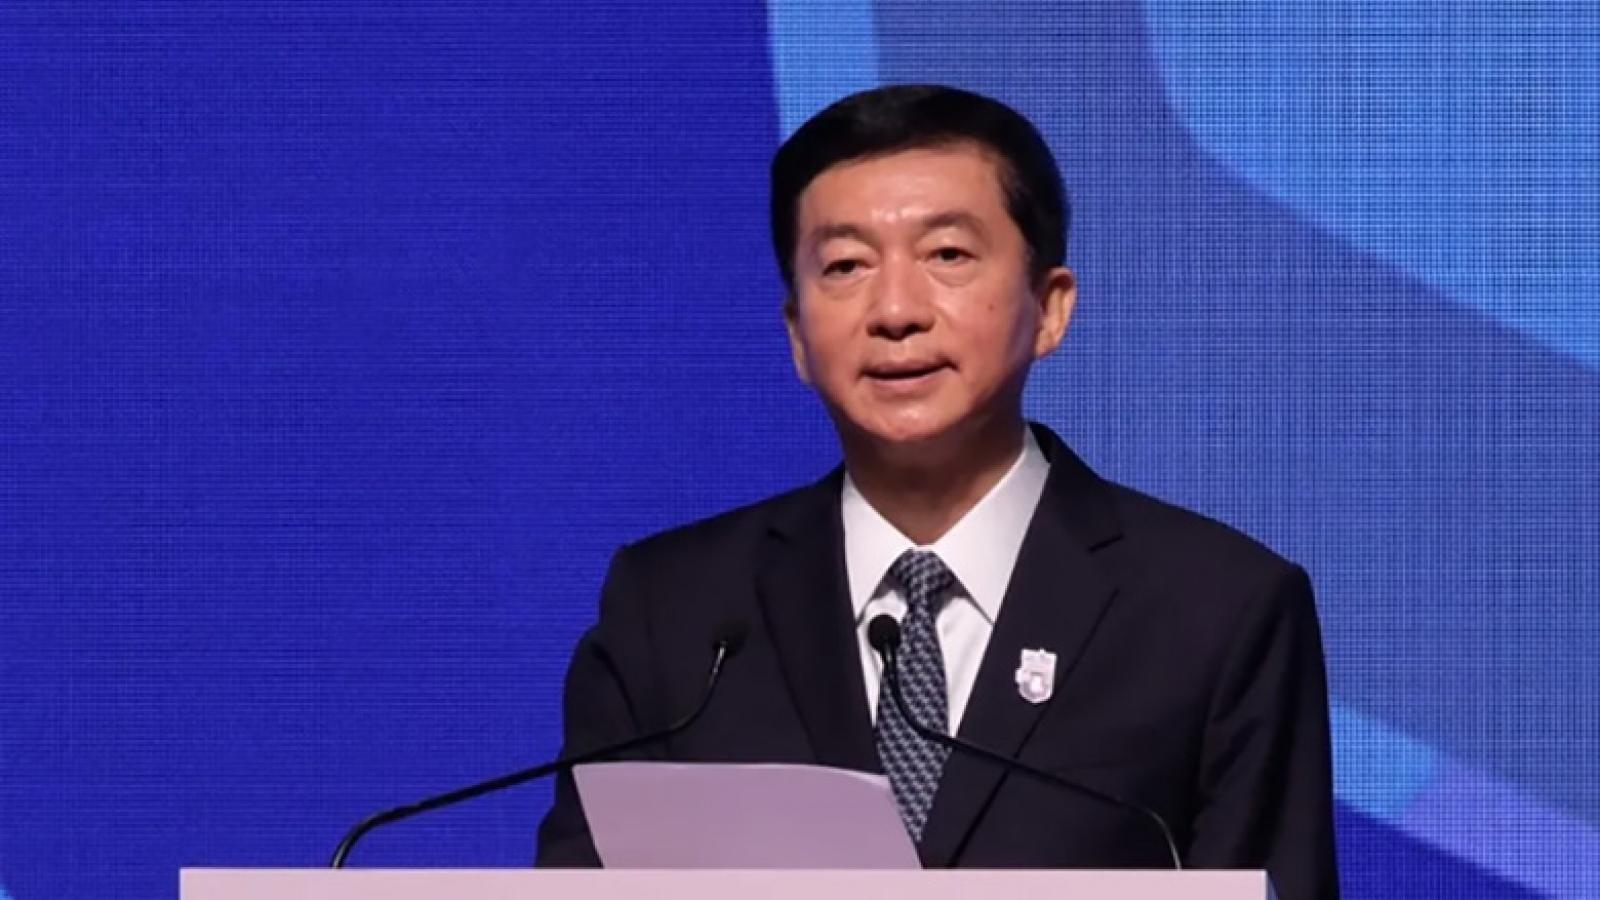 Quan chức Trung Quốc cảnh báo các thế lực nước ngoài không nên can thiệp vào Hong Kong